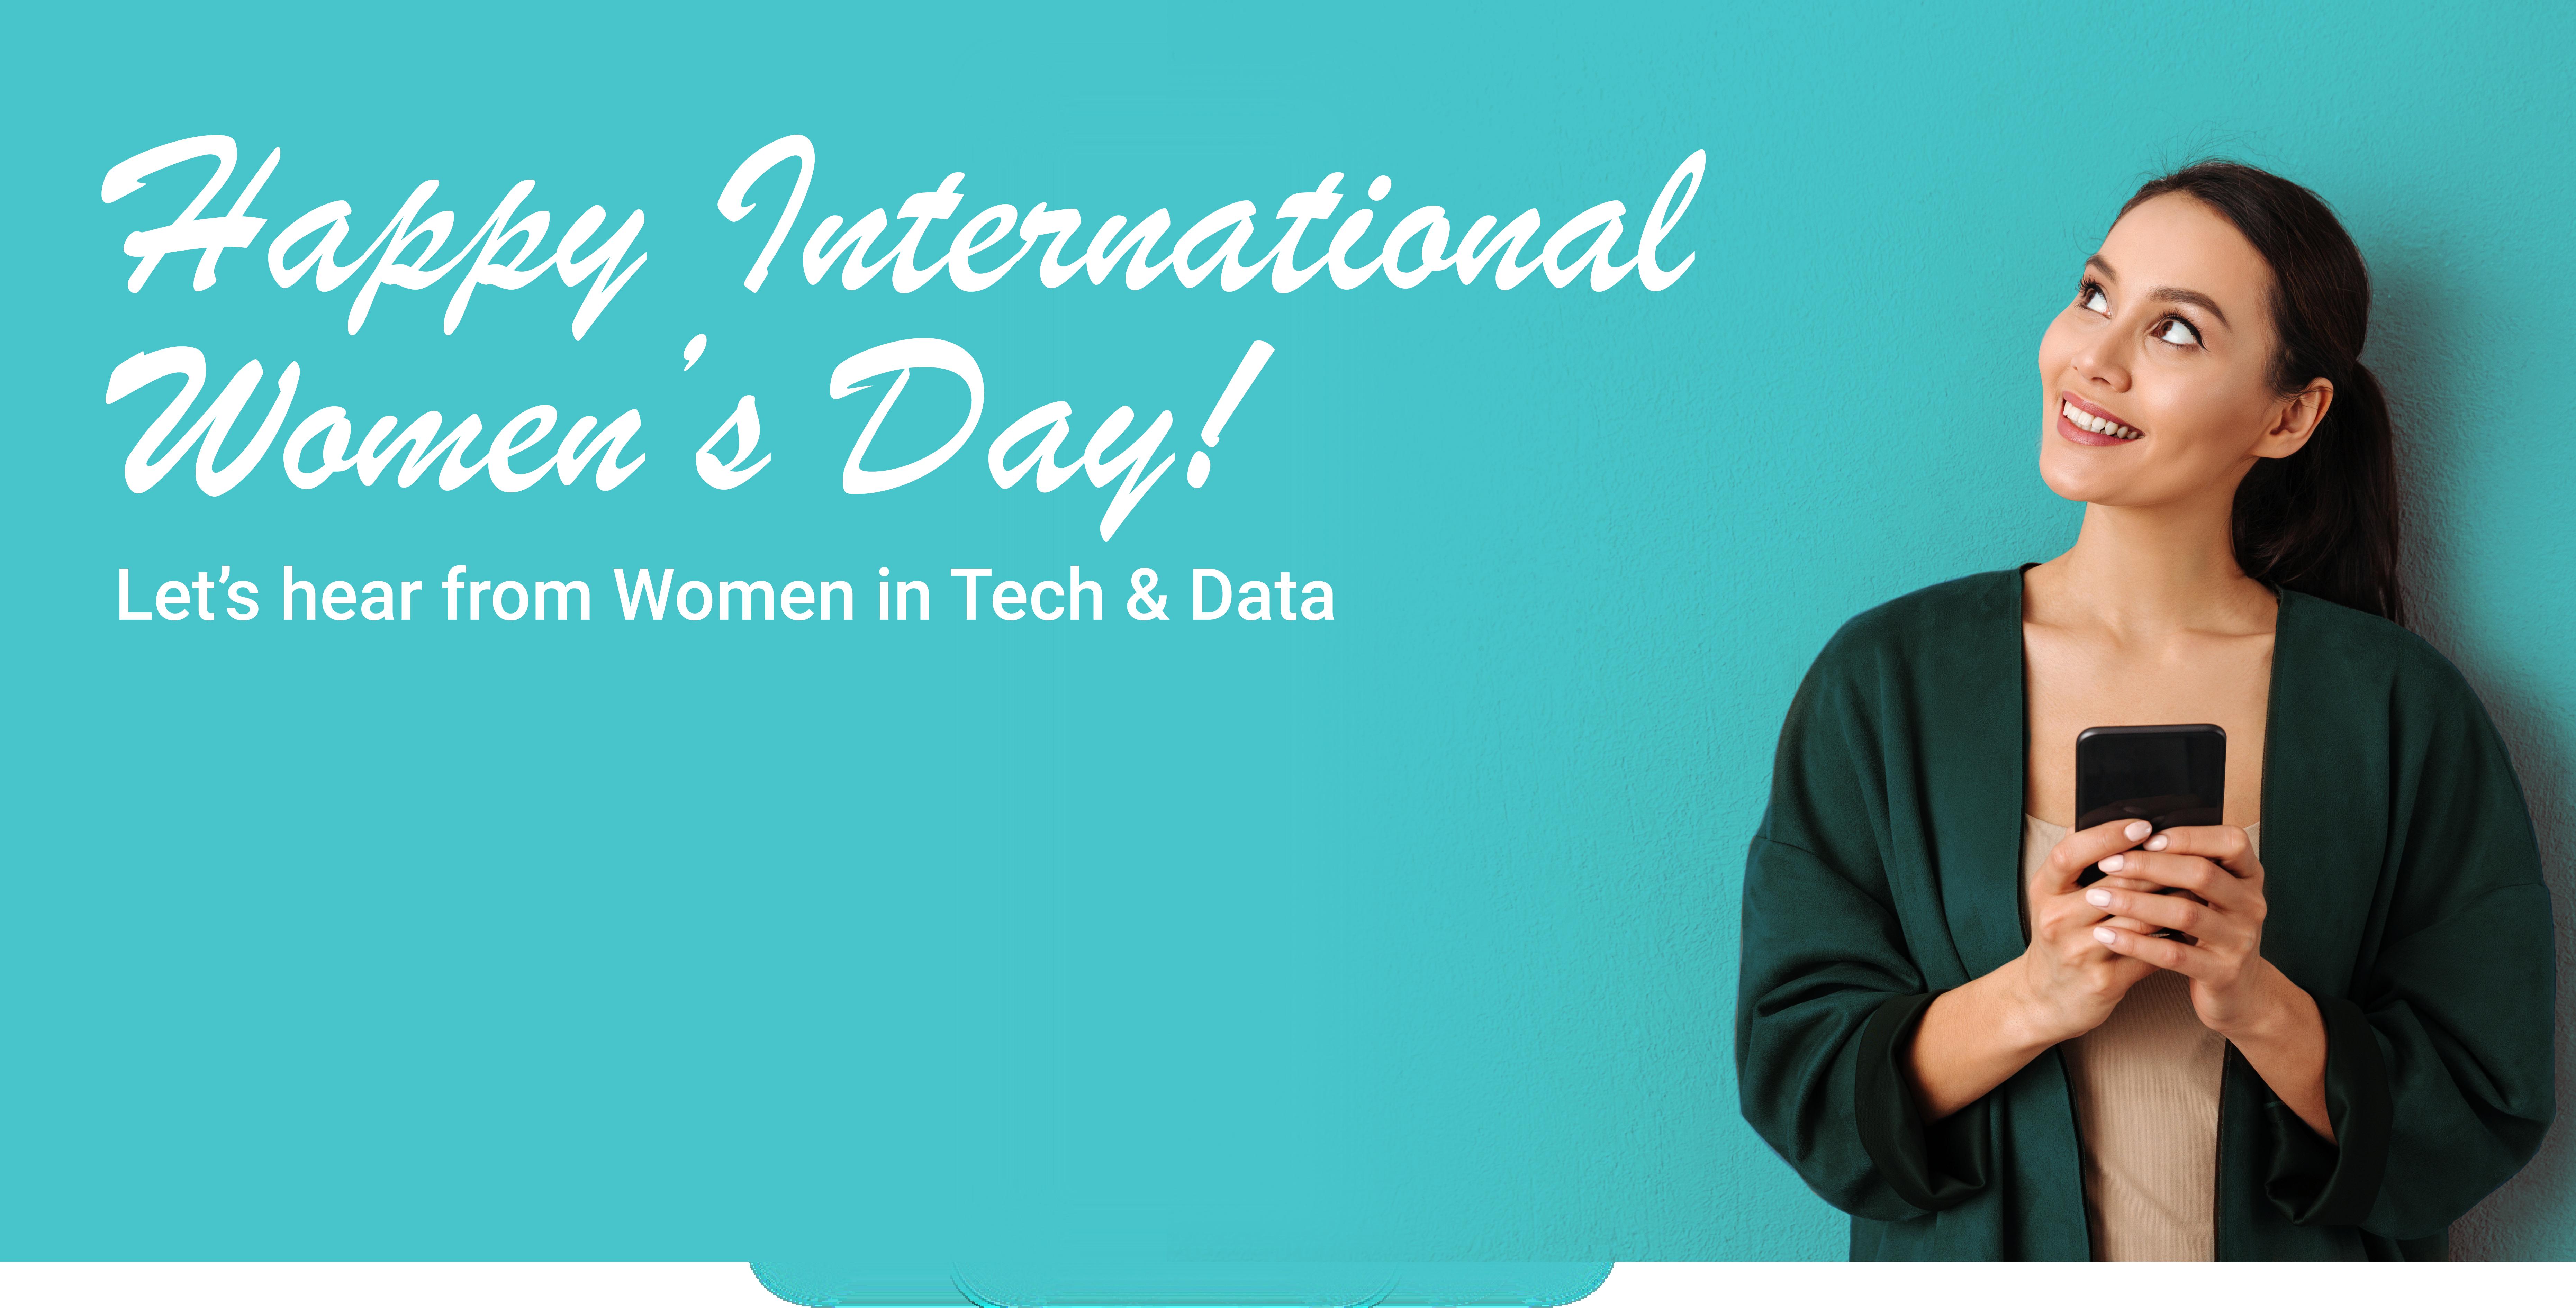 International Women's Day 2020 - Let's hear from Women in Tech & Data